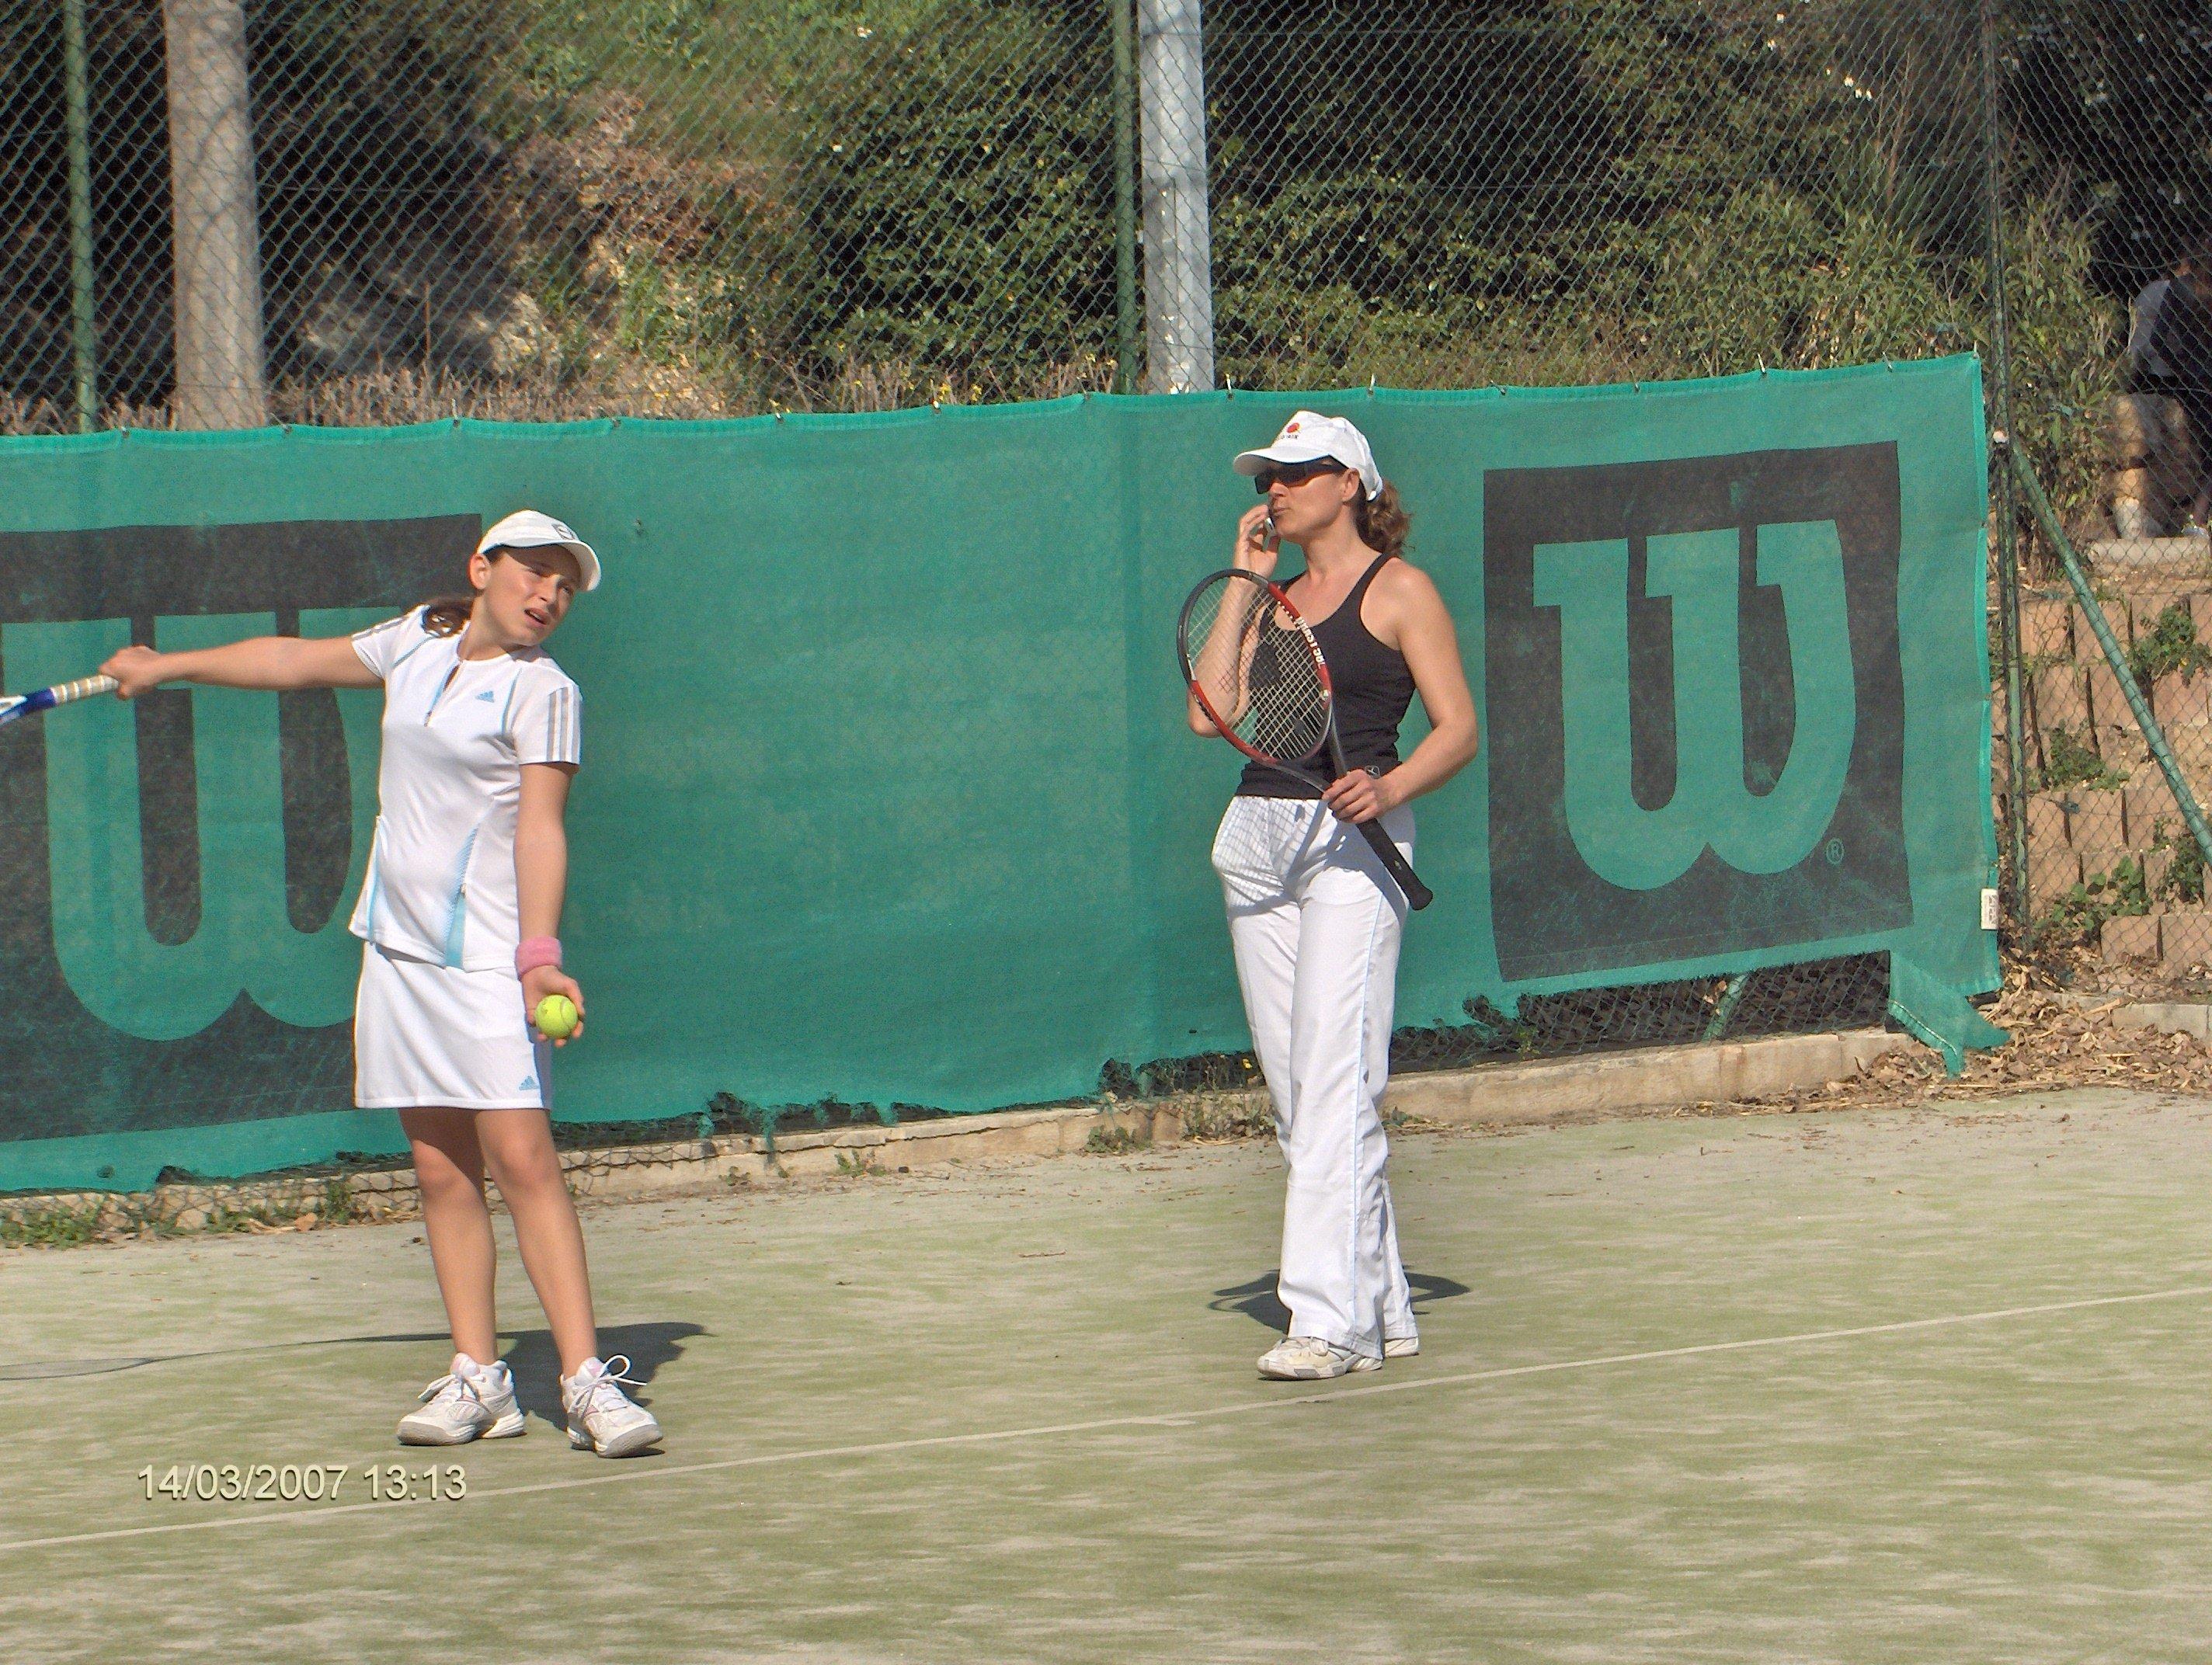 tennisblog.jpg